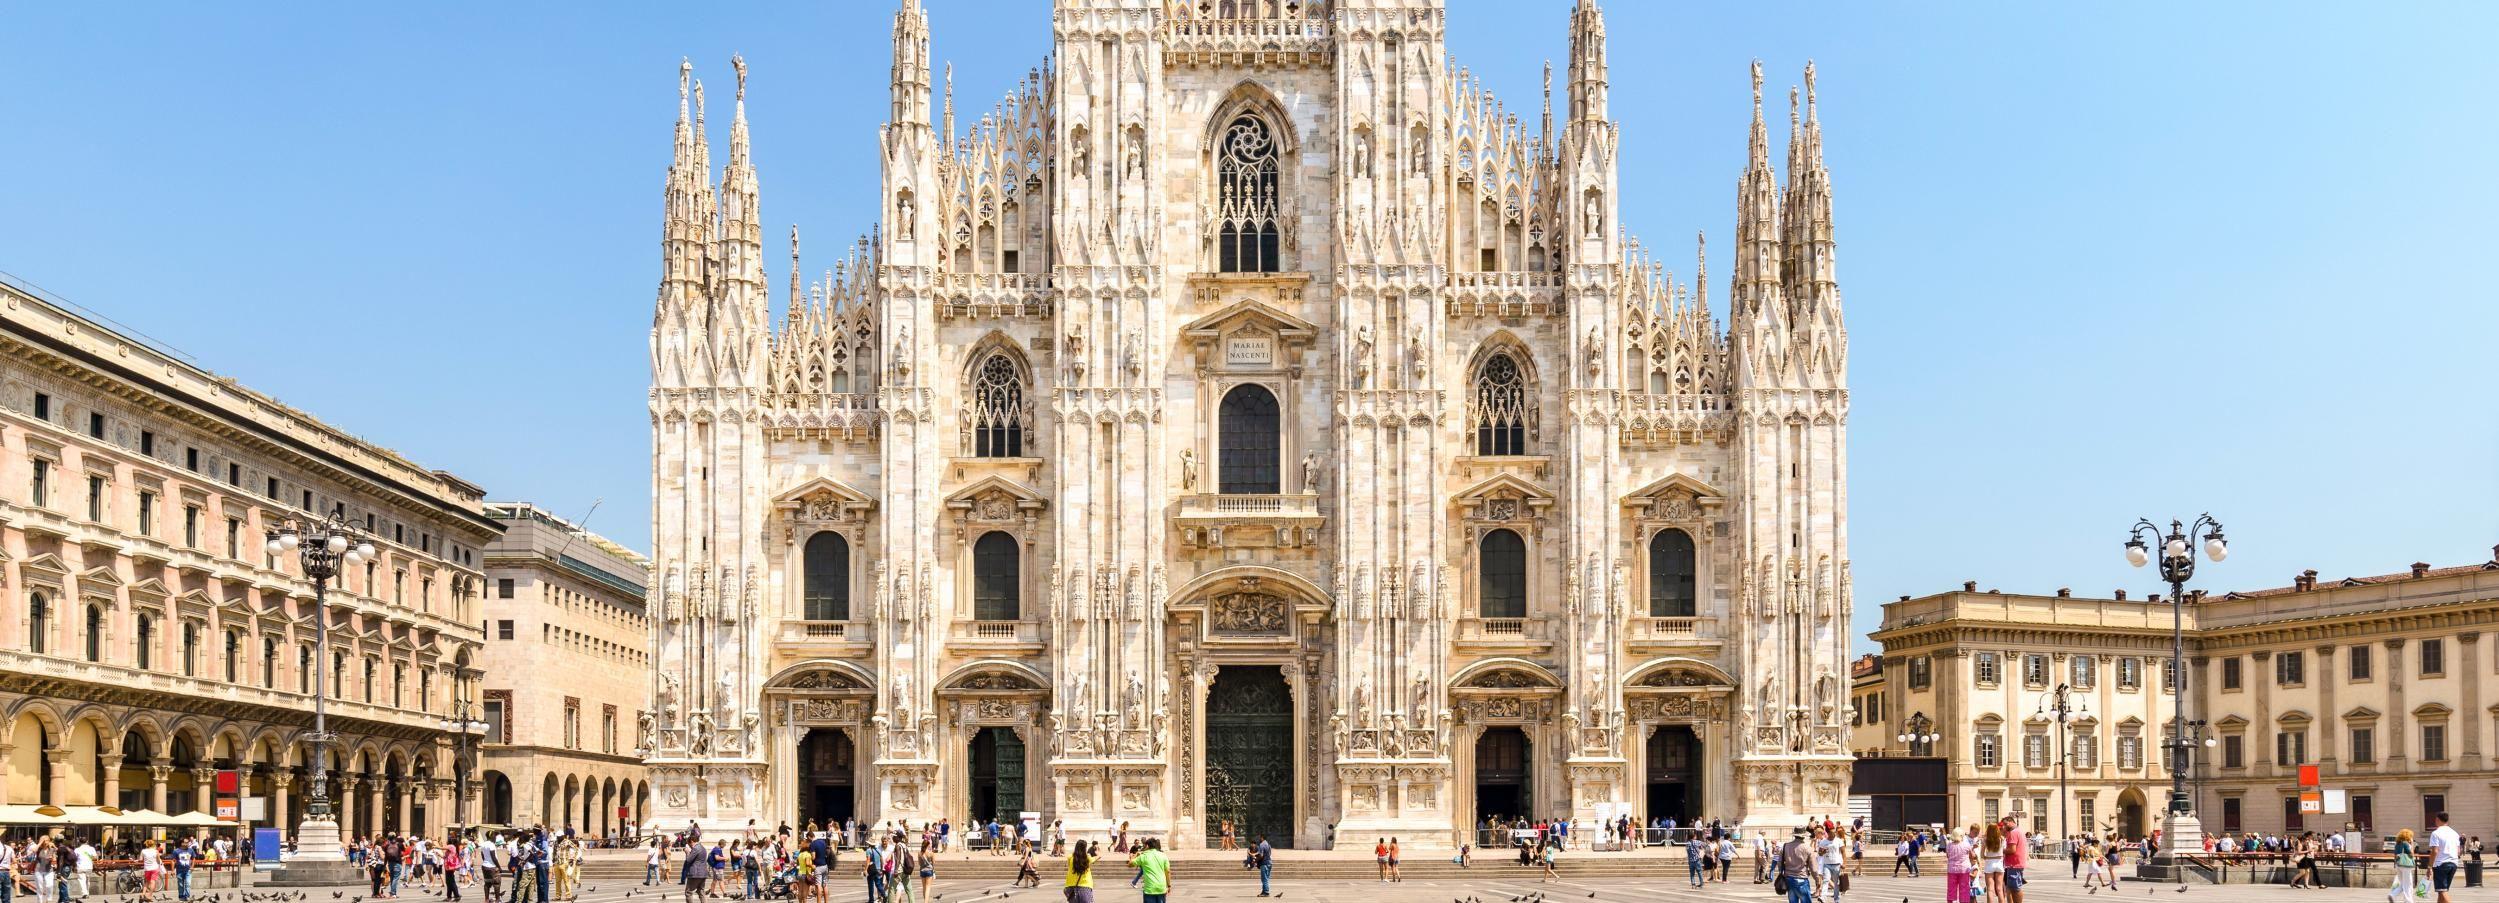 Tour privado a la catedral de Milán y azotea